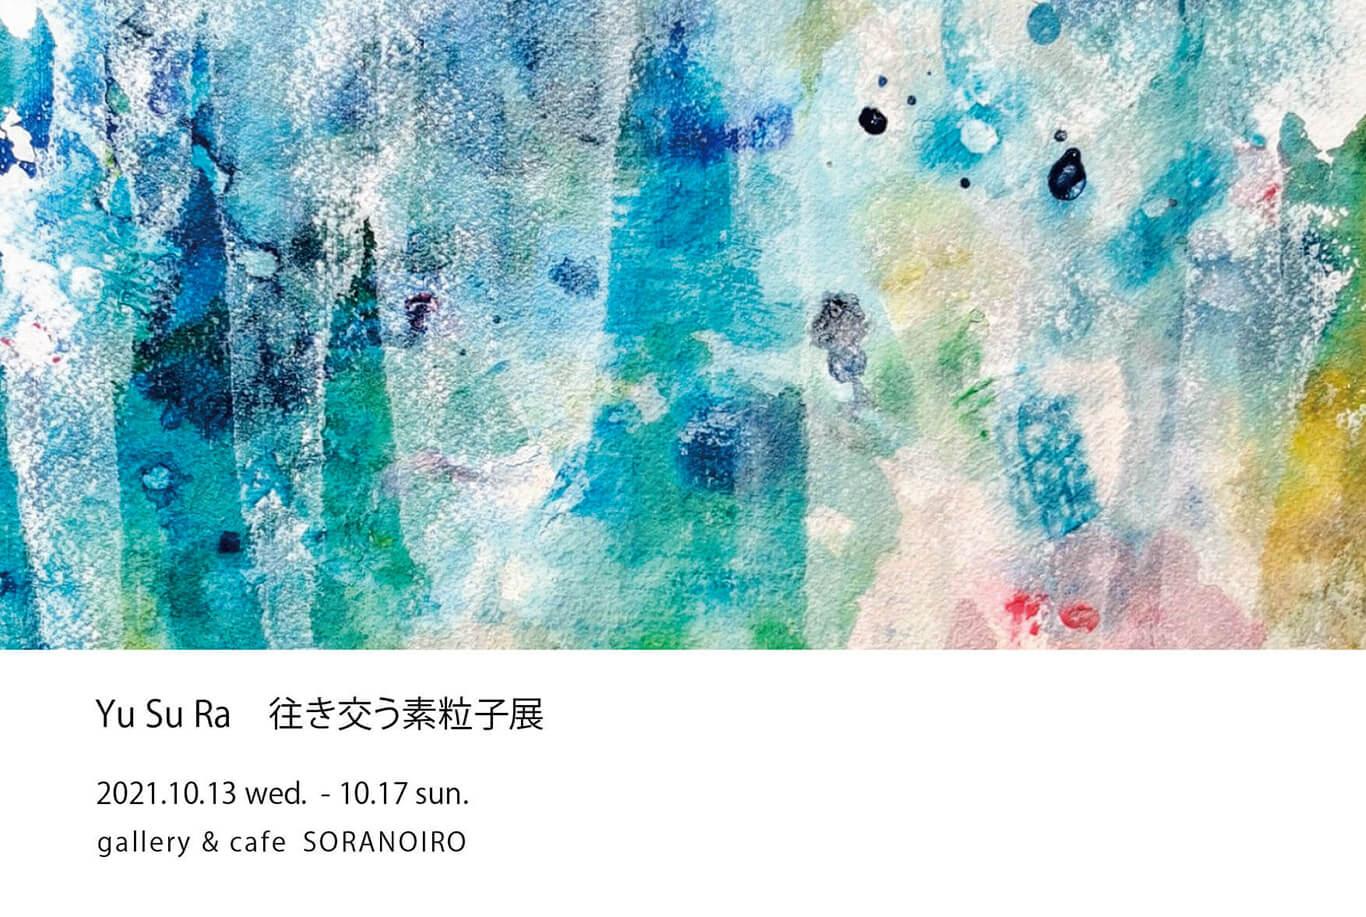 soranoiro-202110-YuSuRa 往き交う素粒子展